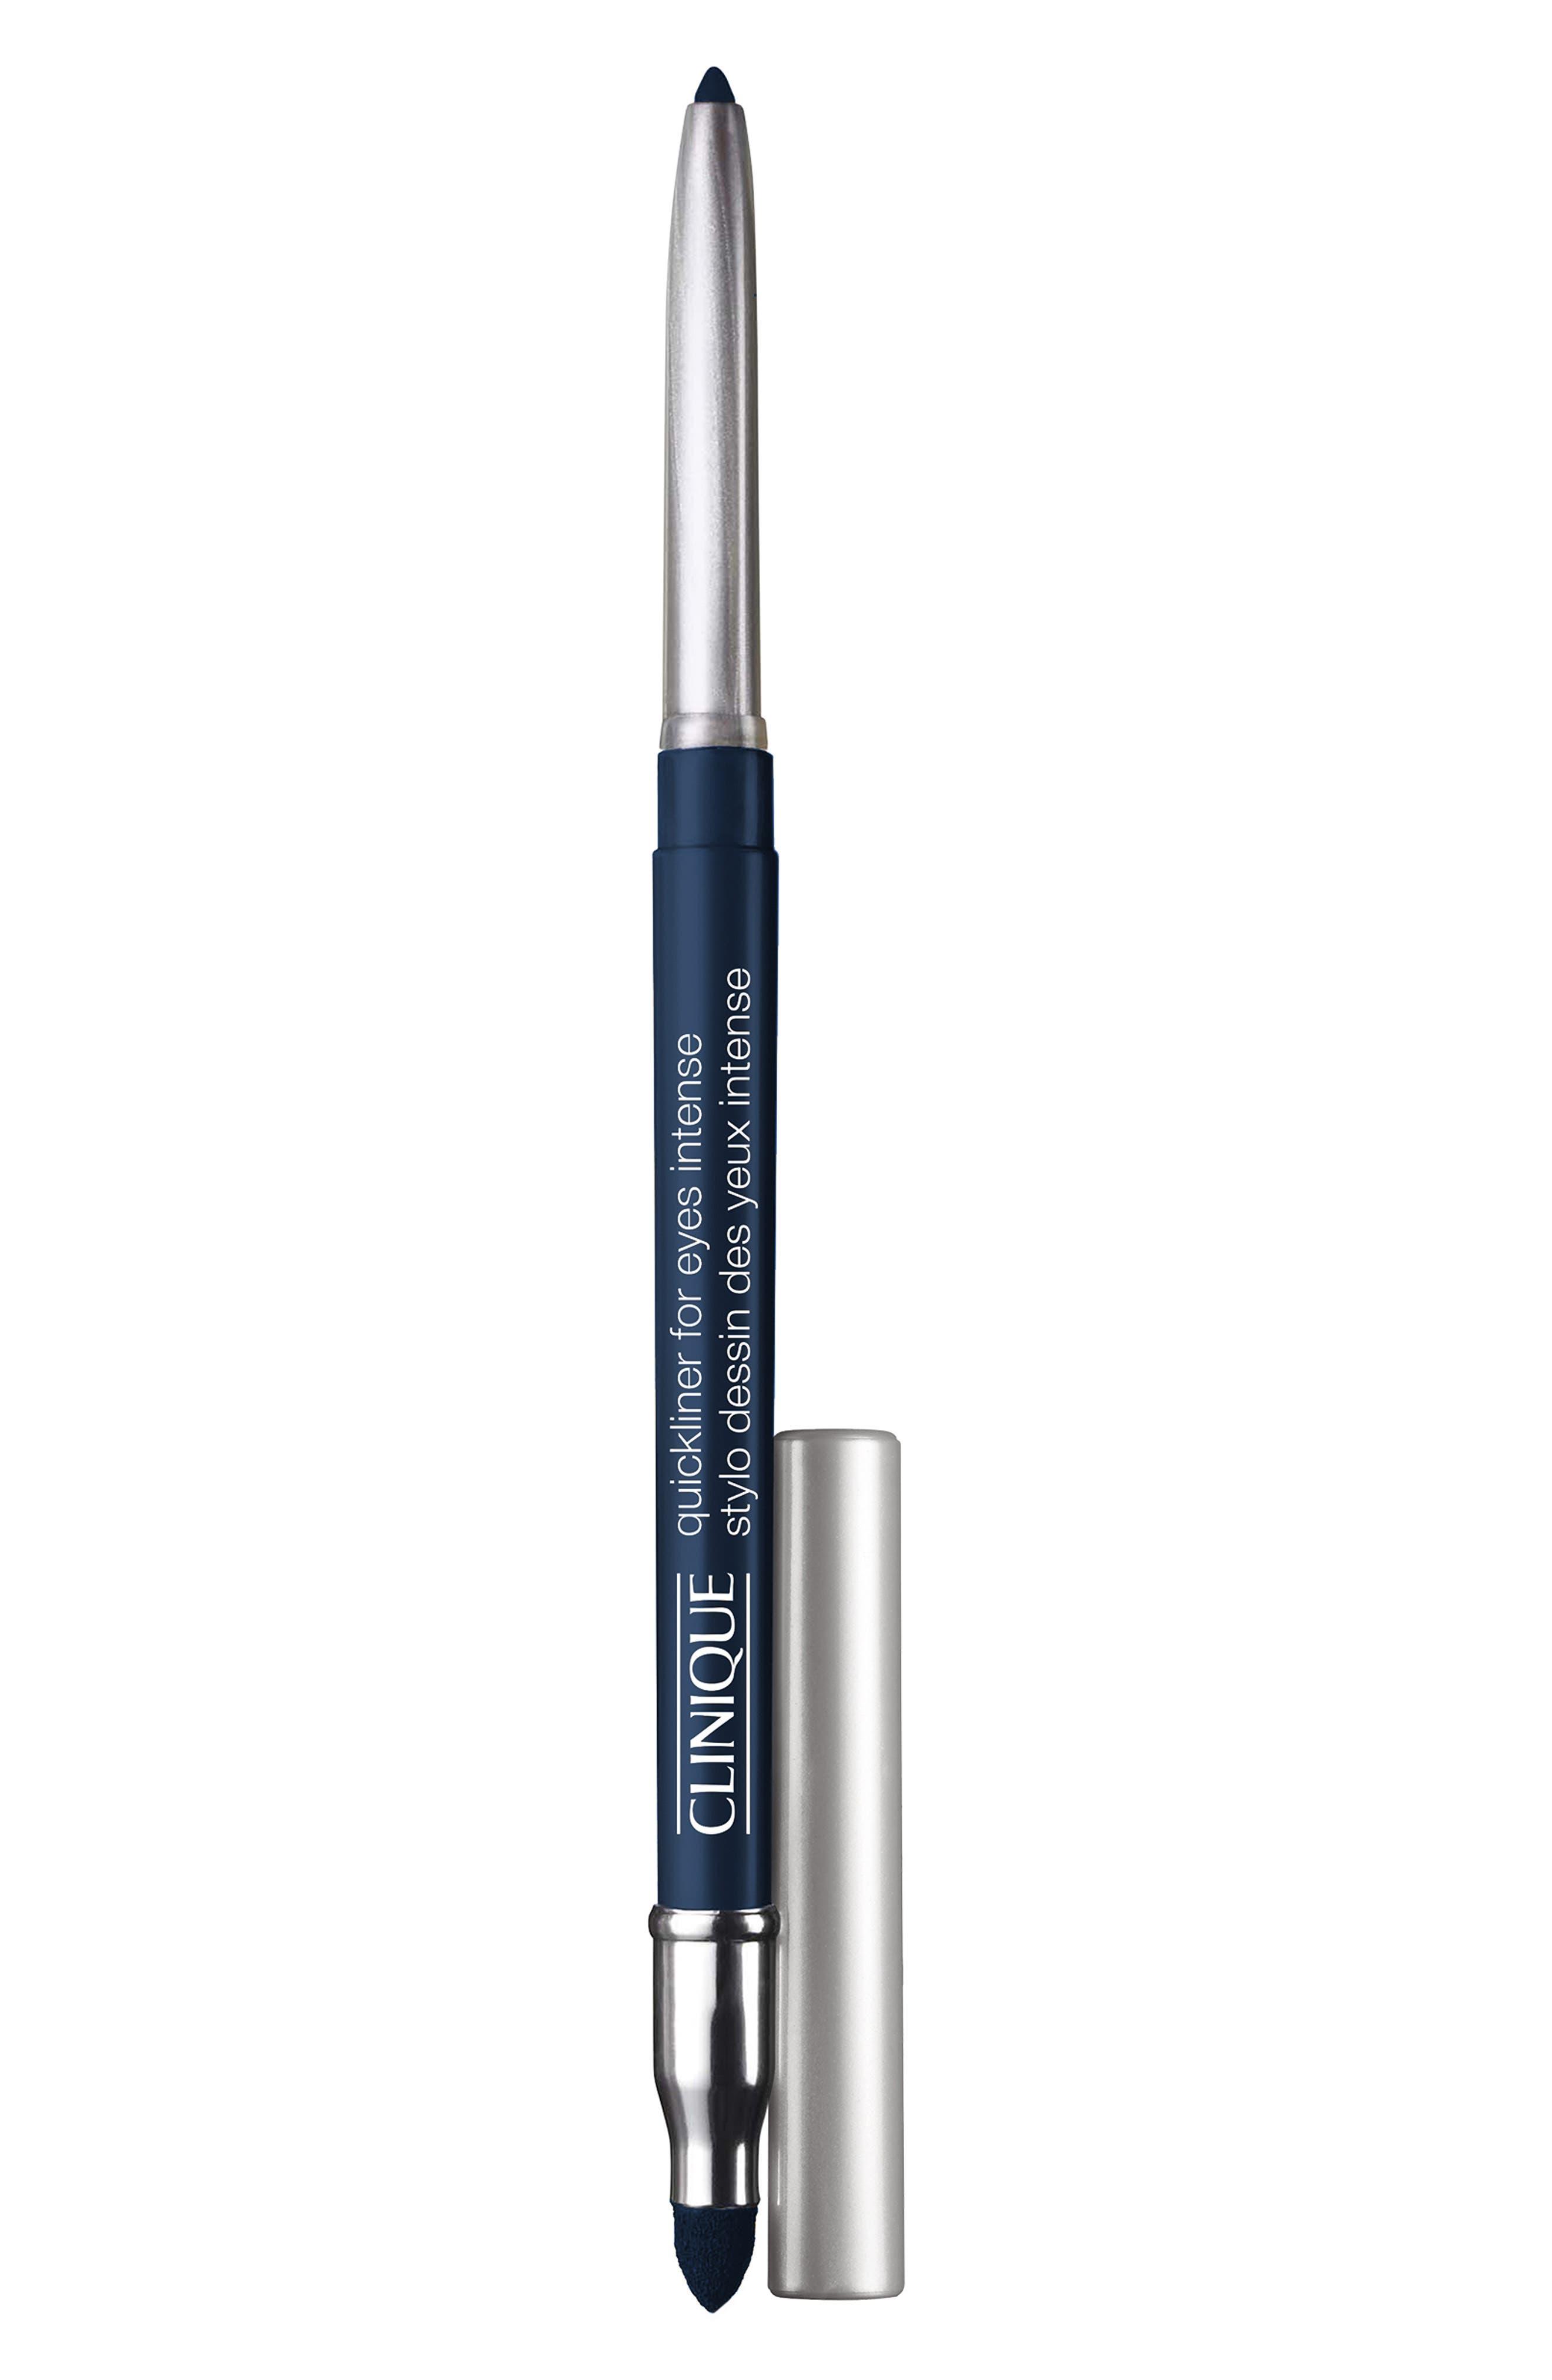 Clinique Quickliner For Eyes Intense Eyeliner Pencil - Intense Midnight